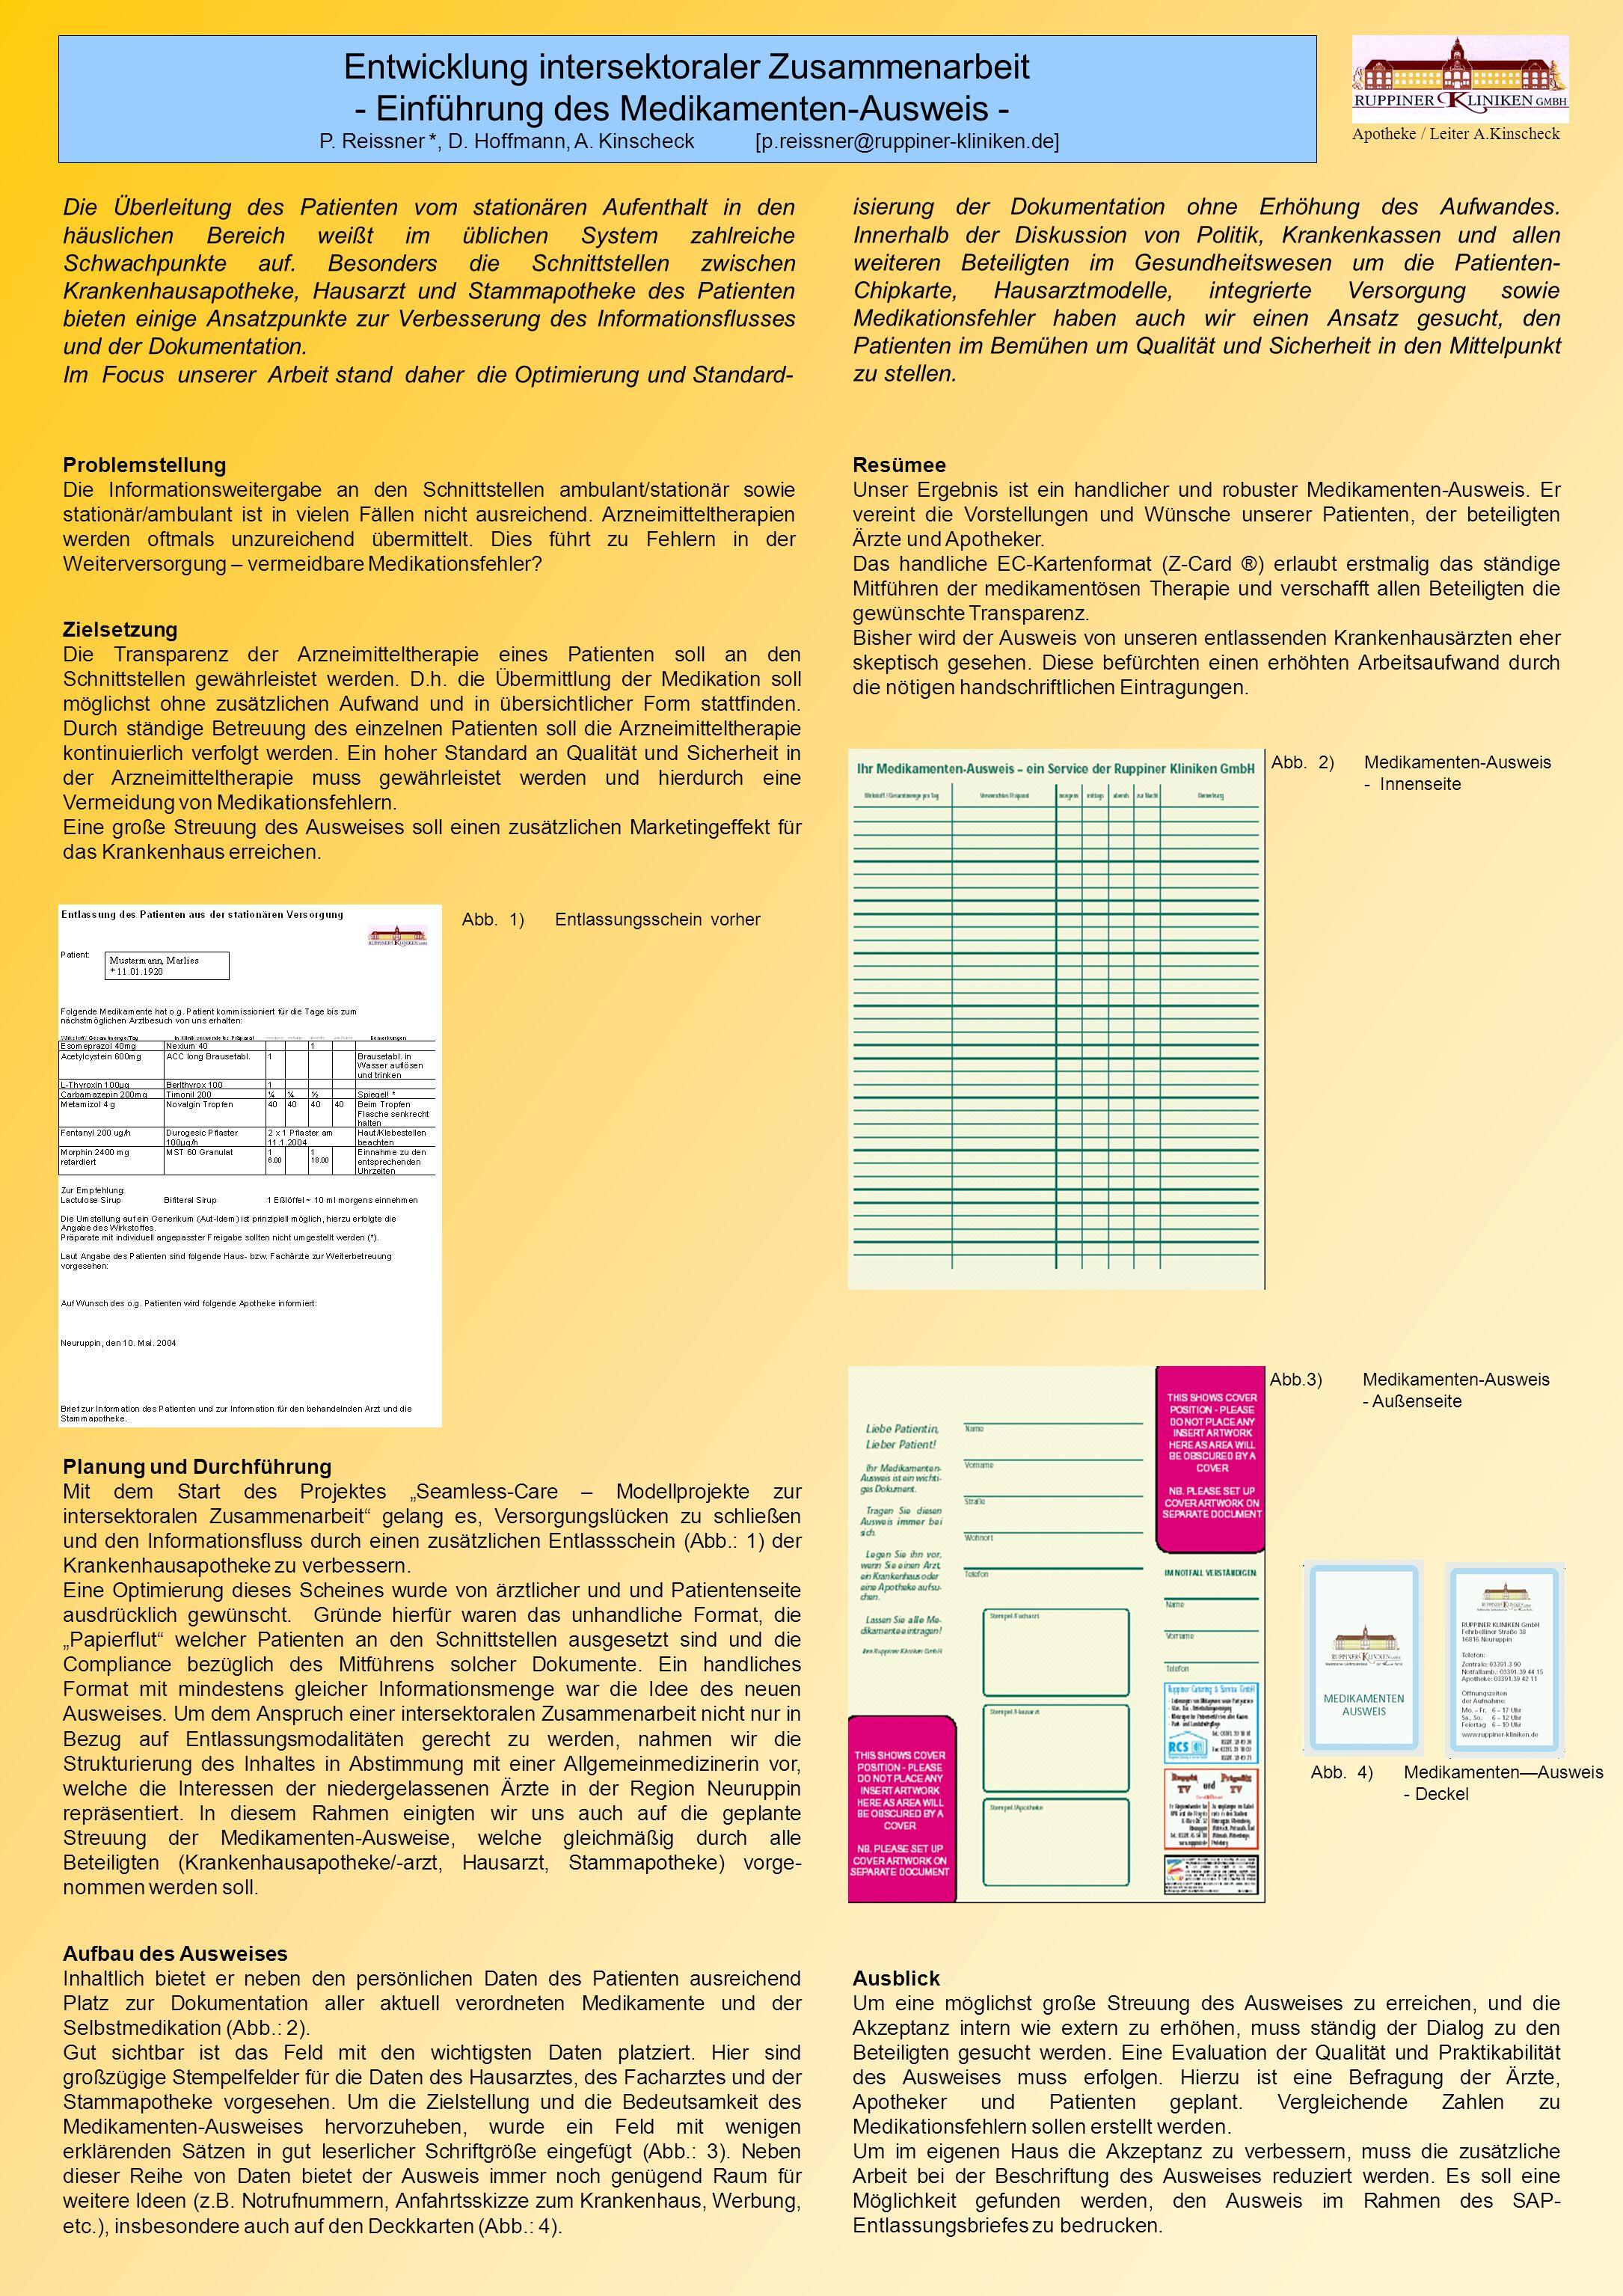 Entwicklung intersektoraler Zusammenarbeit - Einführung des Medikamenten-Ausweis - P. Reissner *, D. Hoffmann, A. Kinscheck [p.reissner@ruppiner-klini